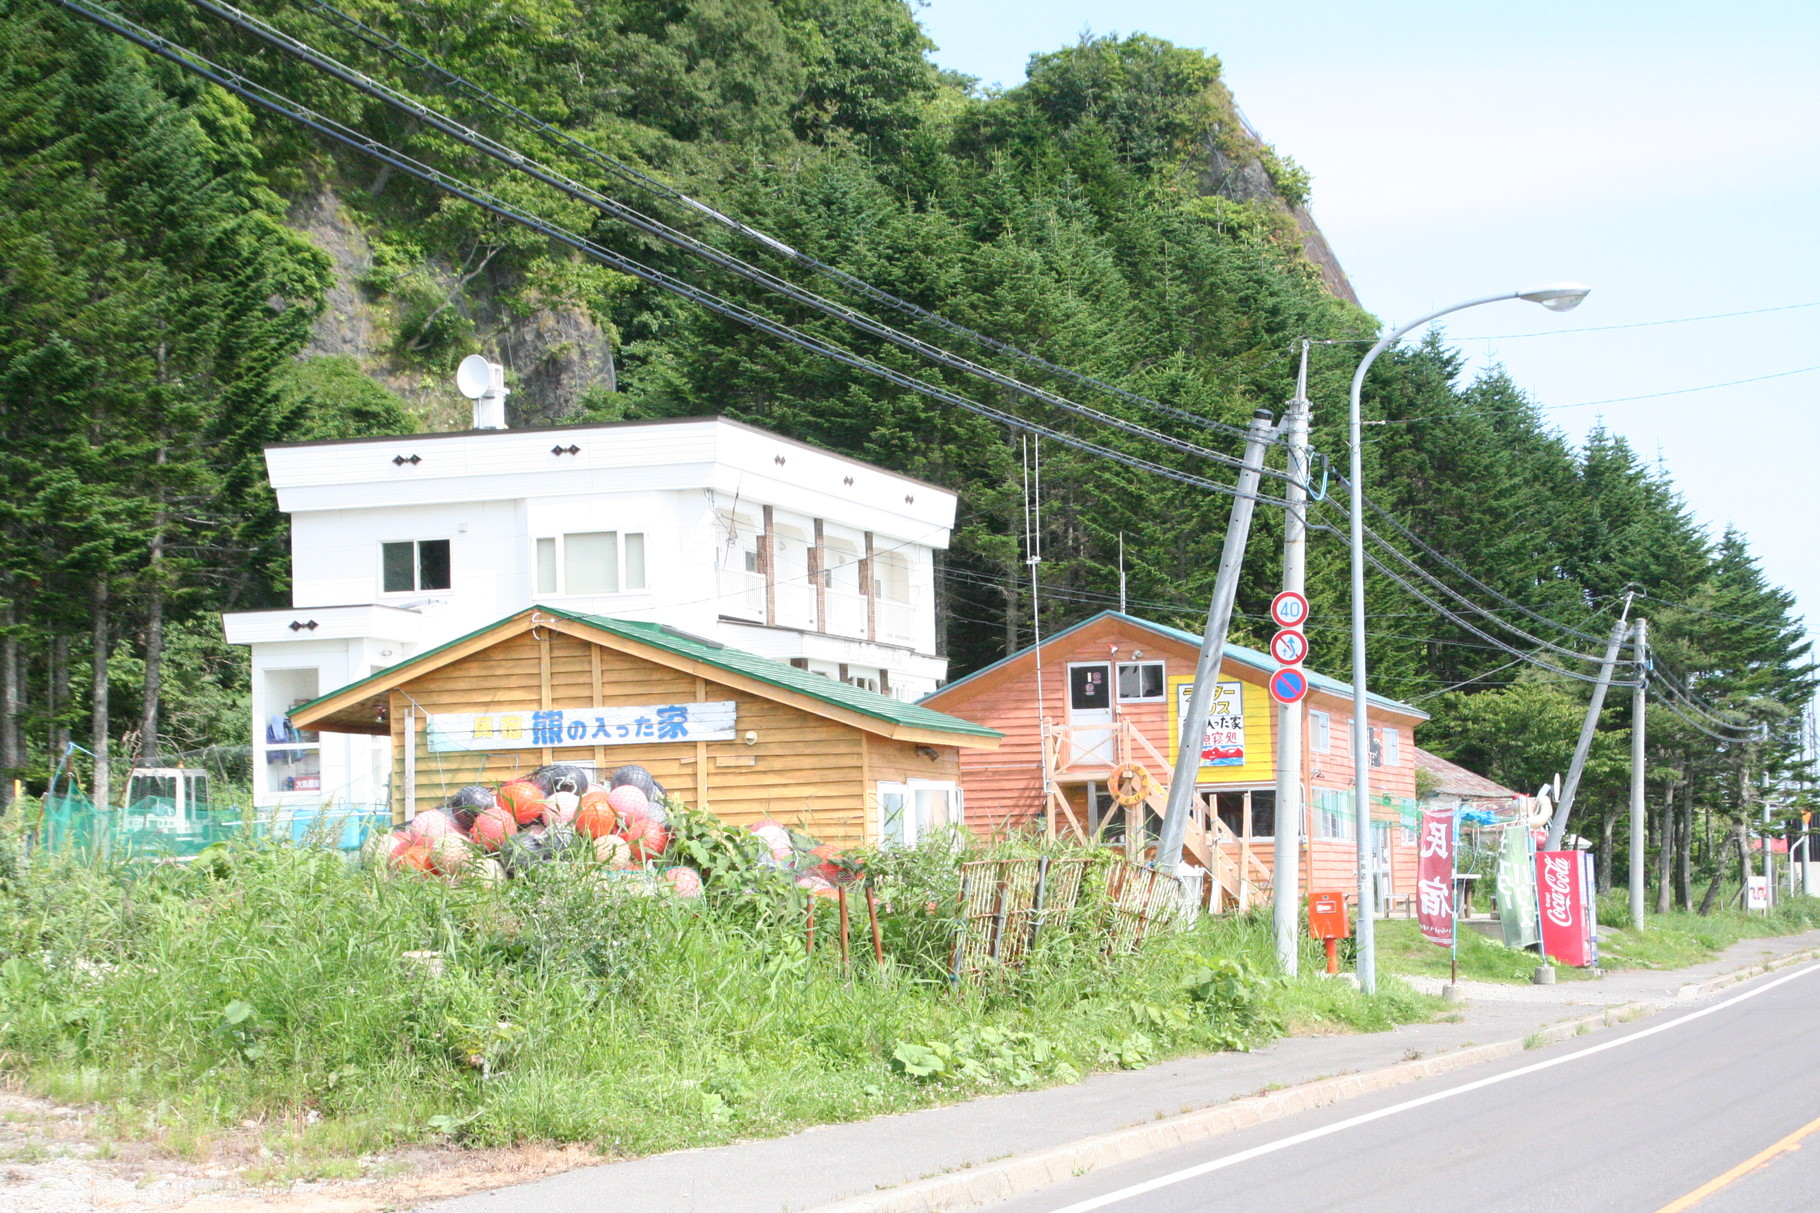 ヒグマの入った家を通過して。ひたすら知床半島の行き止まりを目指す。